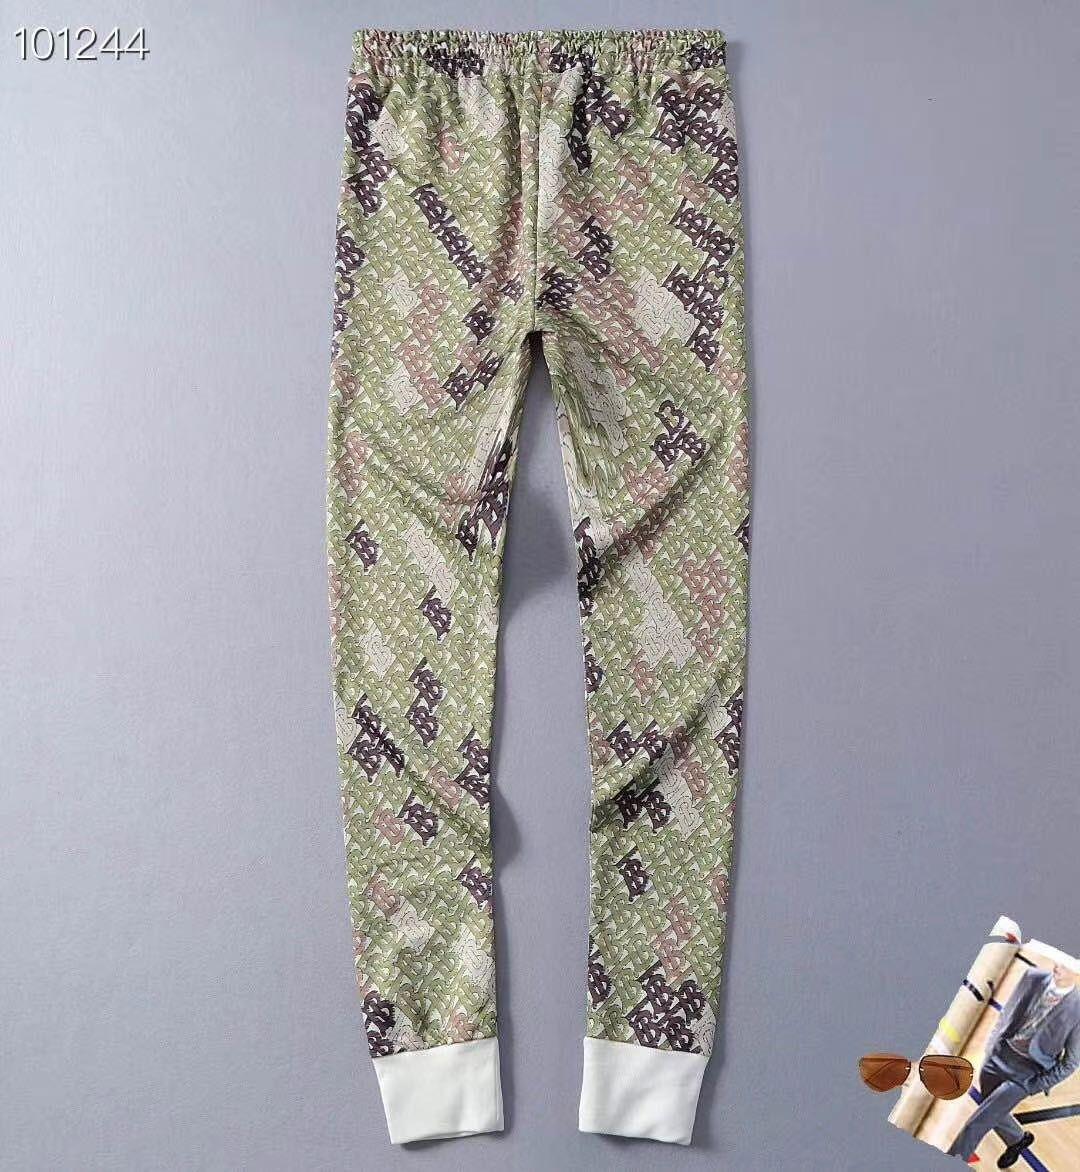 diseñador de ropa masculina para hombre Refelcitive Sweatpants Esenciales pantalones para hombre FOG Carta de color caramelo bordado Pantalones largos de envío